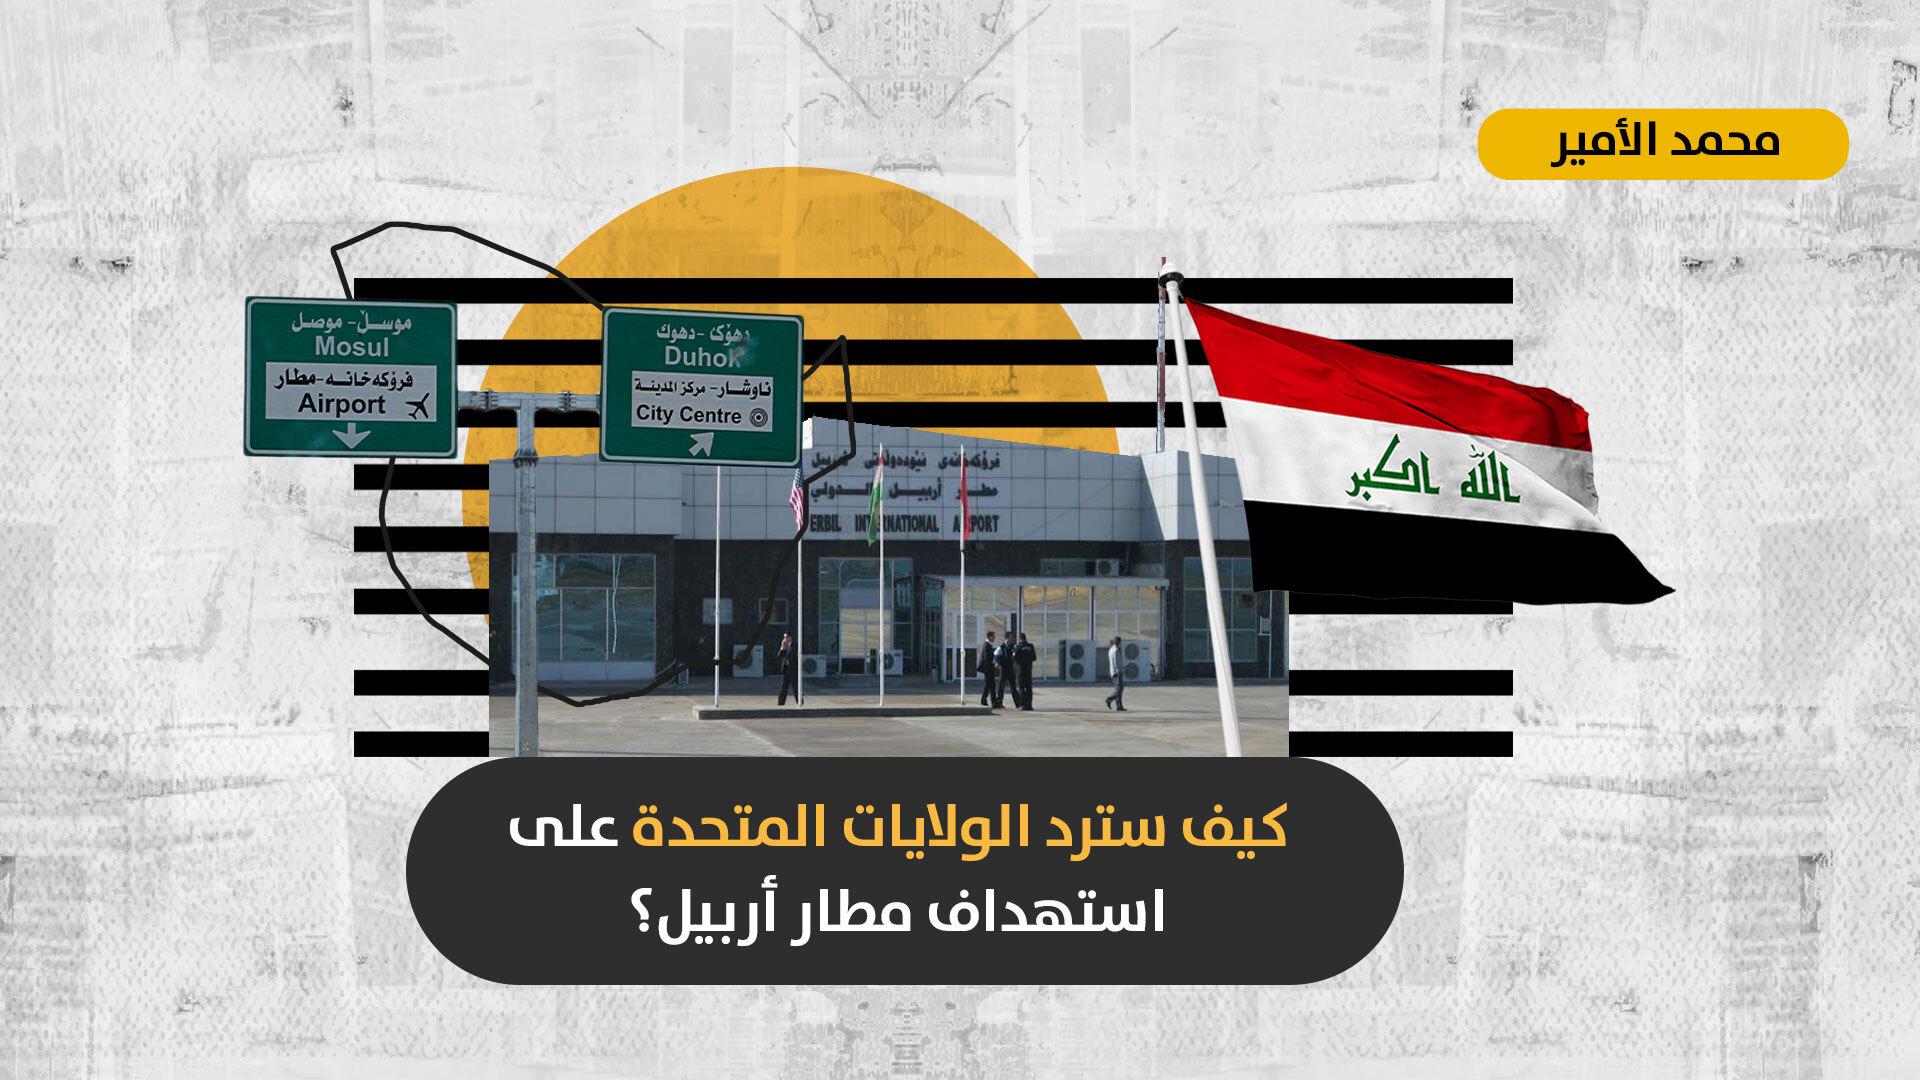 بعد استهداف مطار أربيل: هل ستنقل الولايات المتحدة مركز ثقلها العسكري والدبلوماسي بعيداً عن المدن العراقية الأساسية؟